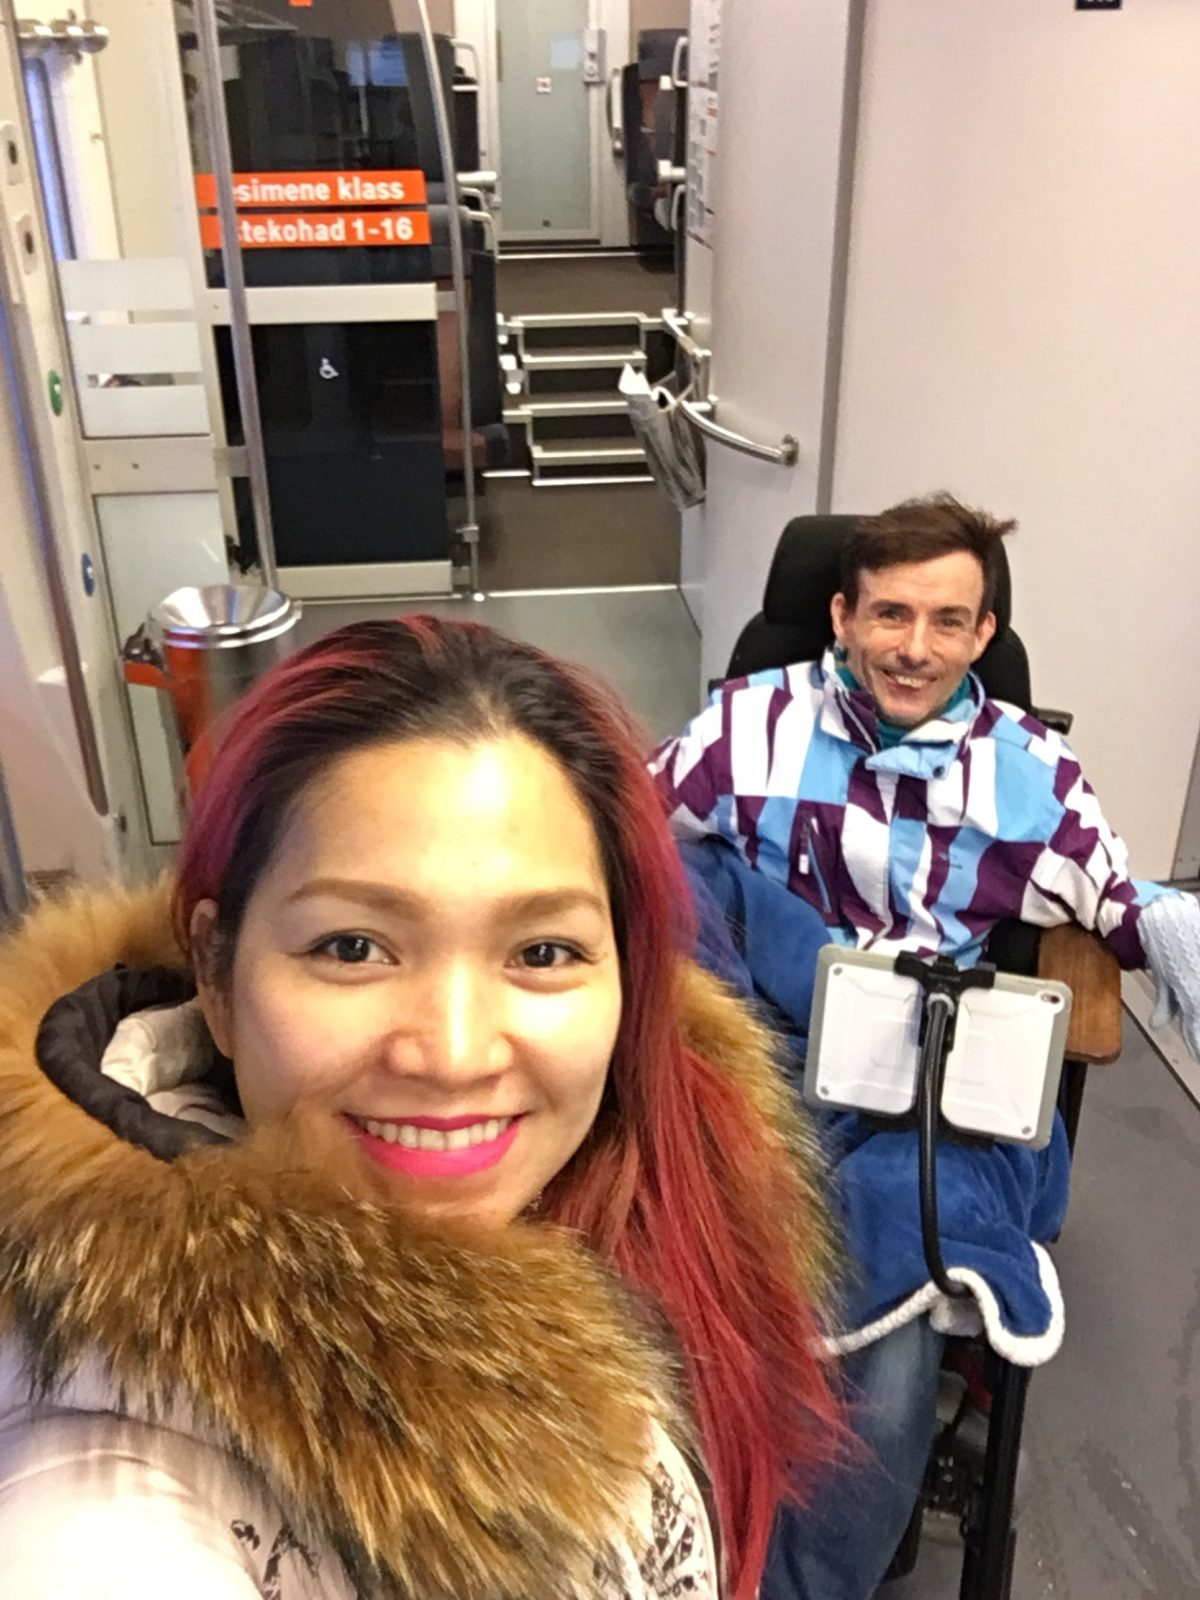 RONGIGA LIIKVELE: Enne Tallinnasse kolimist käisid Meelis ja Mari Kaiust elu uudistamas rongiga.